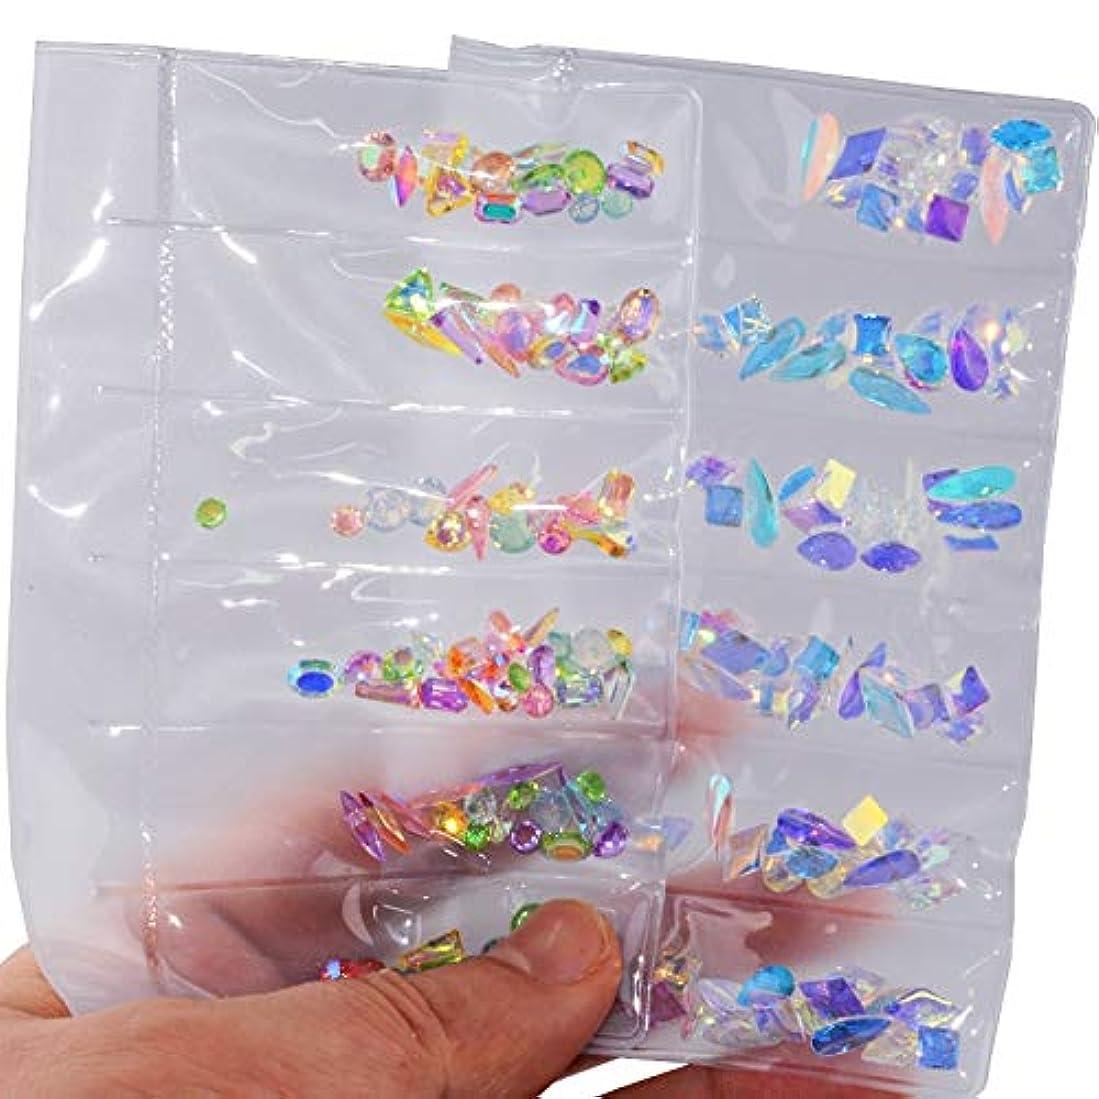 静める安定しました刺激する2パックセットネイルアートラインストーンネイルアートデコレーションフラットバックガラスダイヤモンドティアドロップ馬の目の水晶石